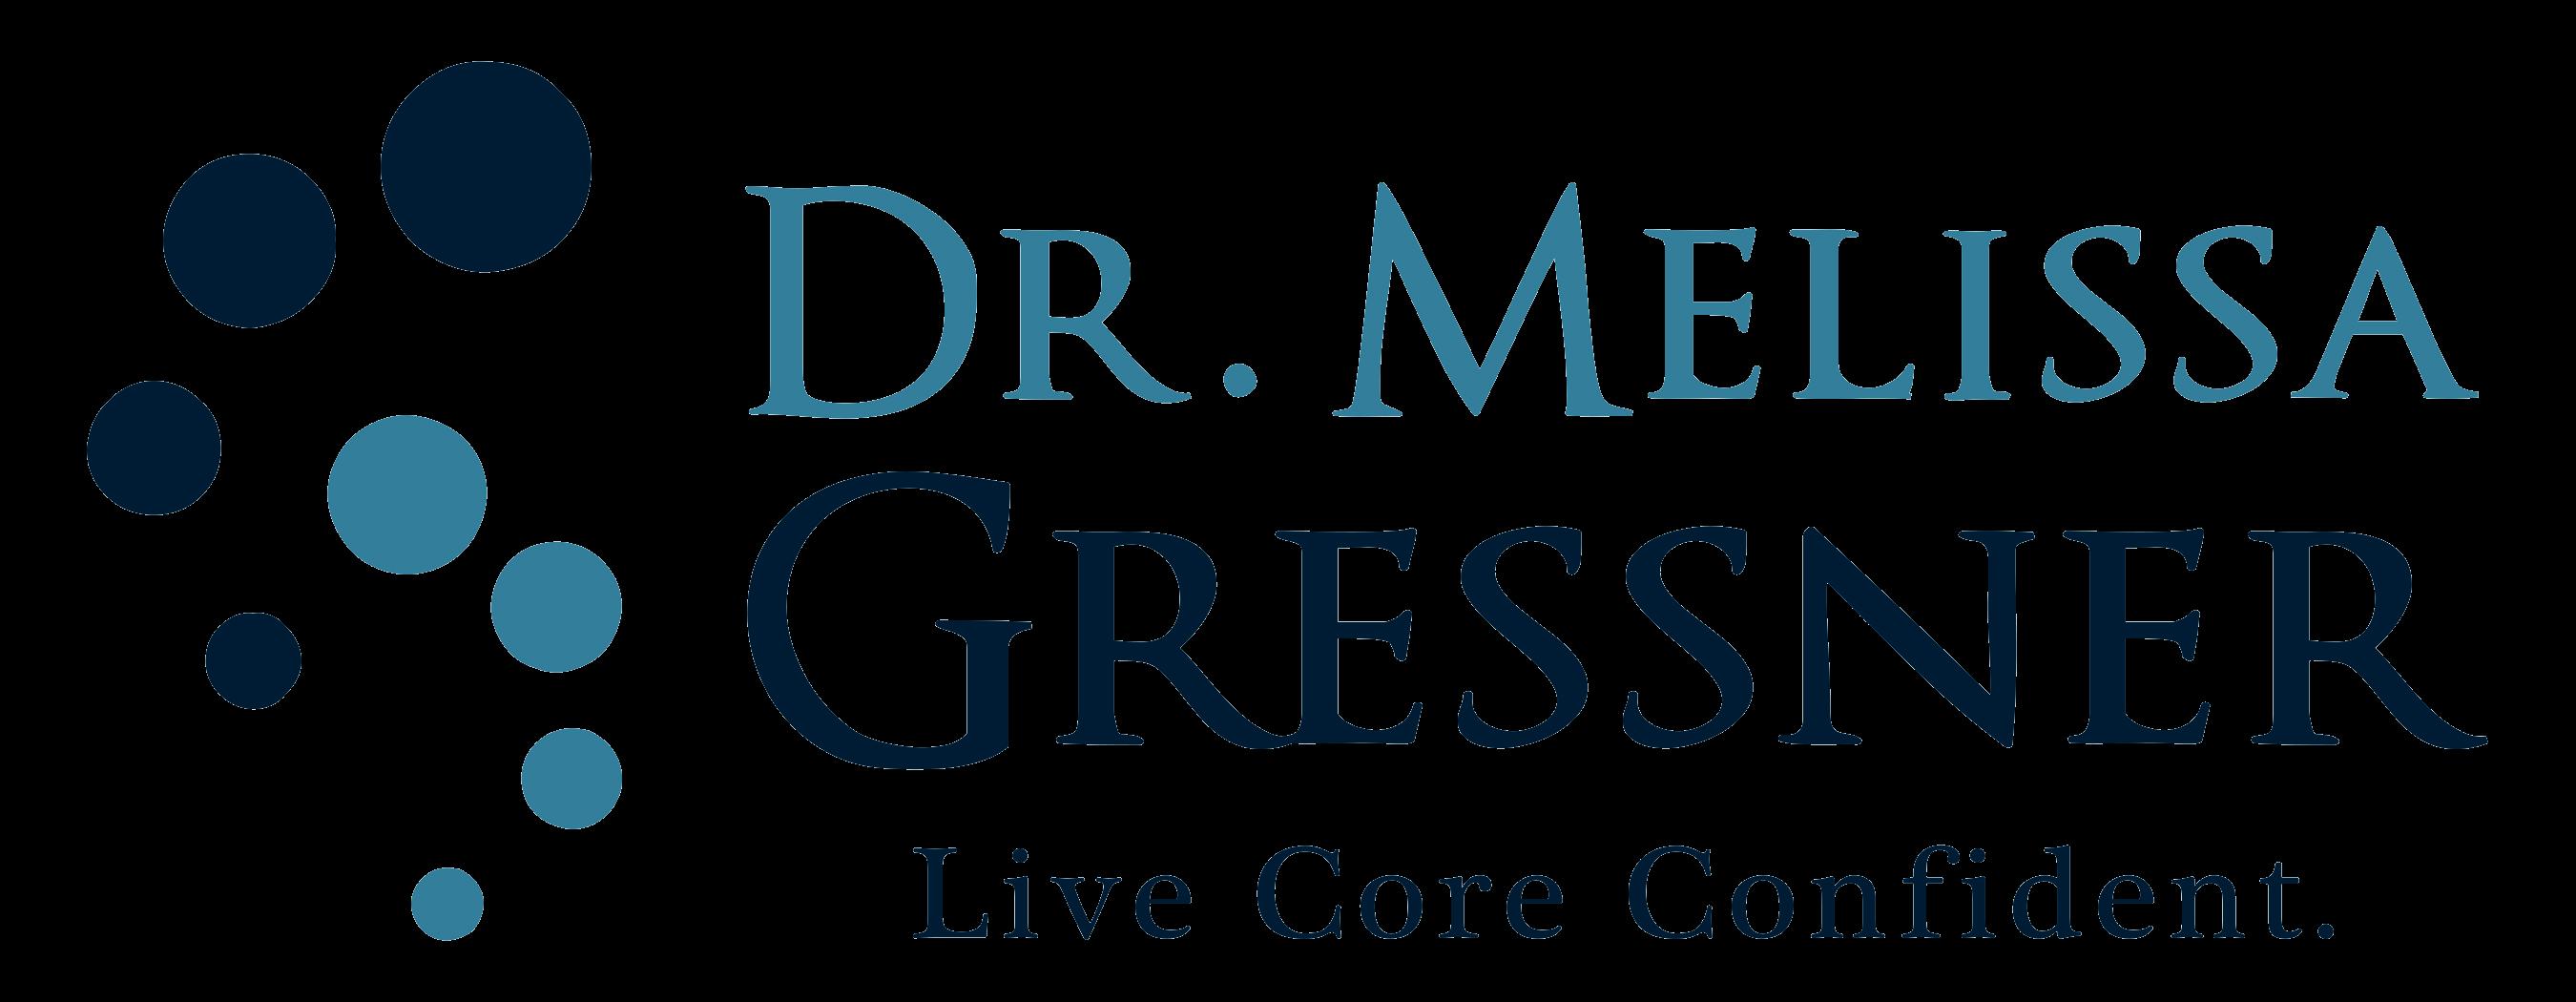 Dr. Gressner